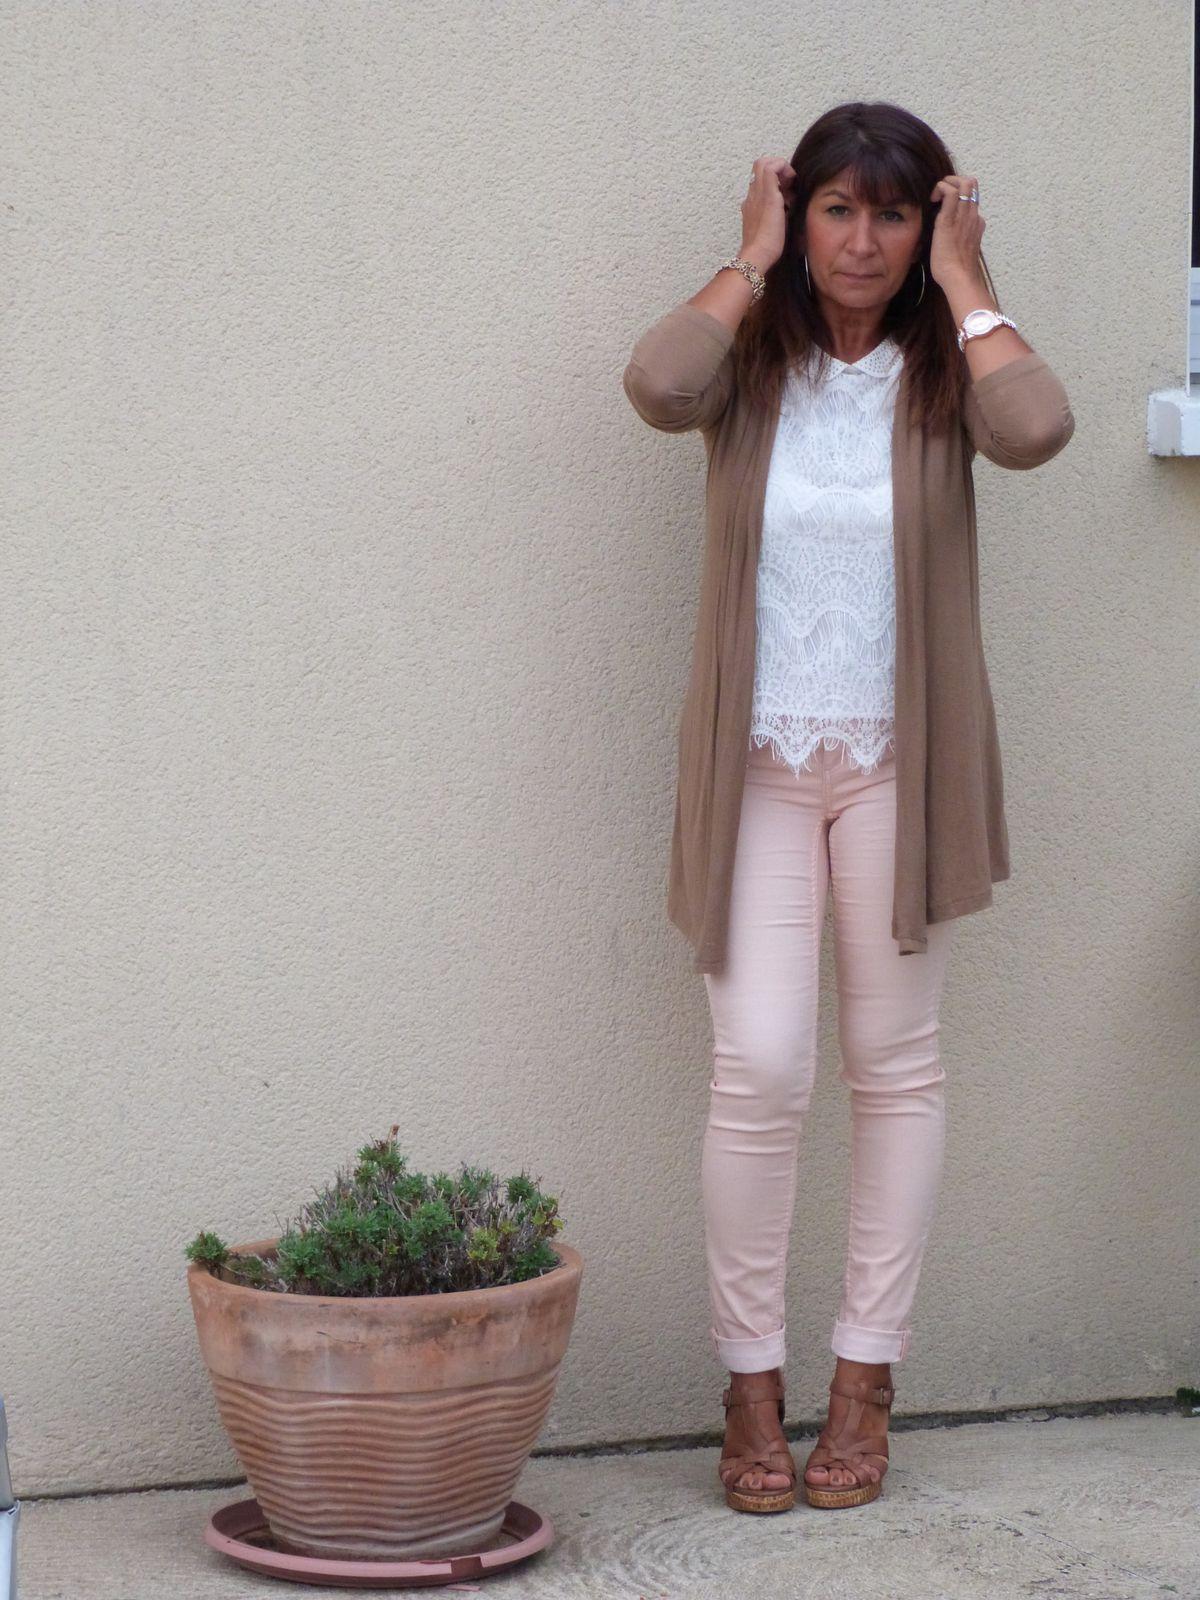 gilet : CACHE CACHE  top : BOUTIQUE AU CAP D ADGE  pantalon : PROMOD chaussures : LA HALLE AUX CHAUSURES .